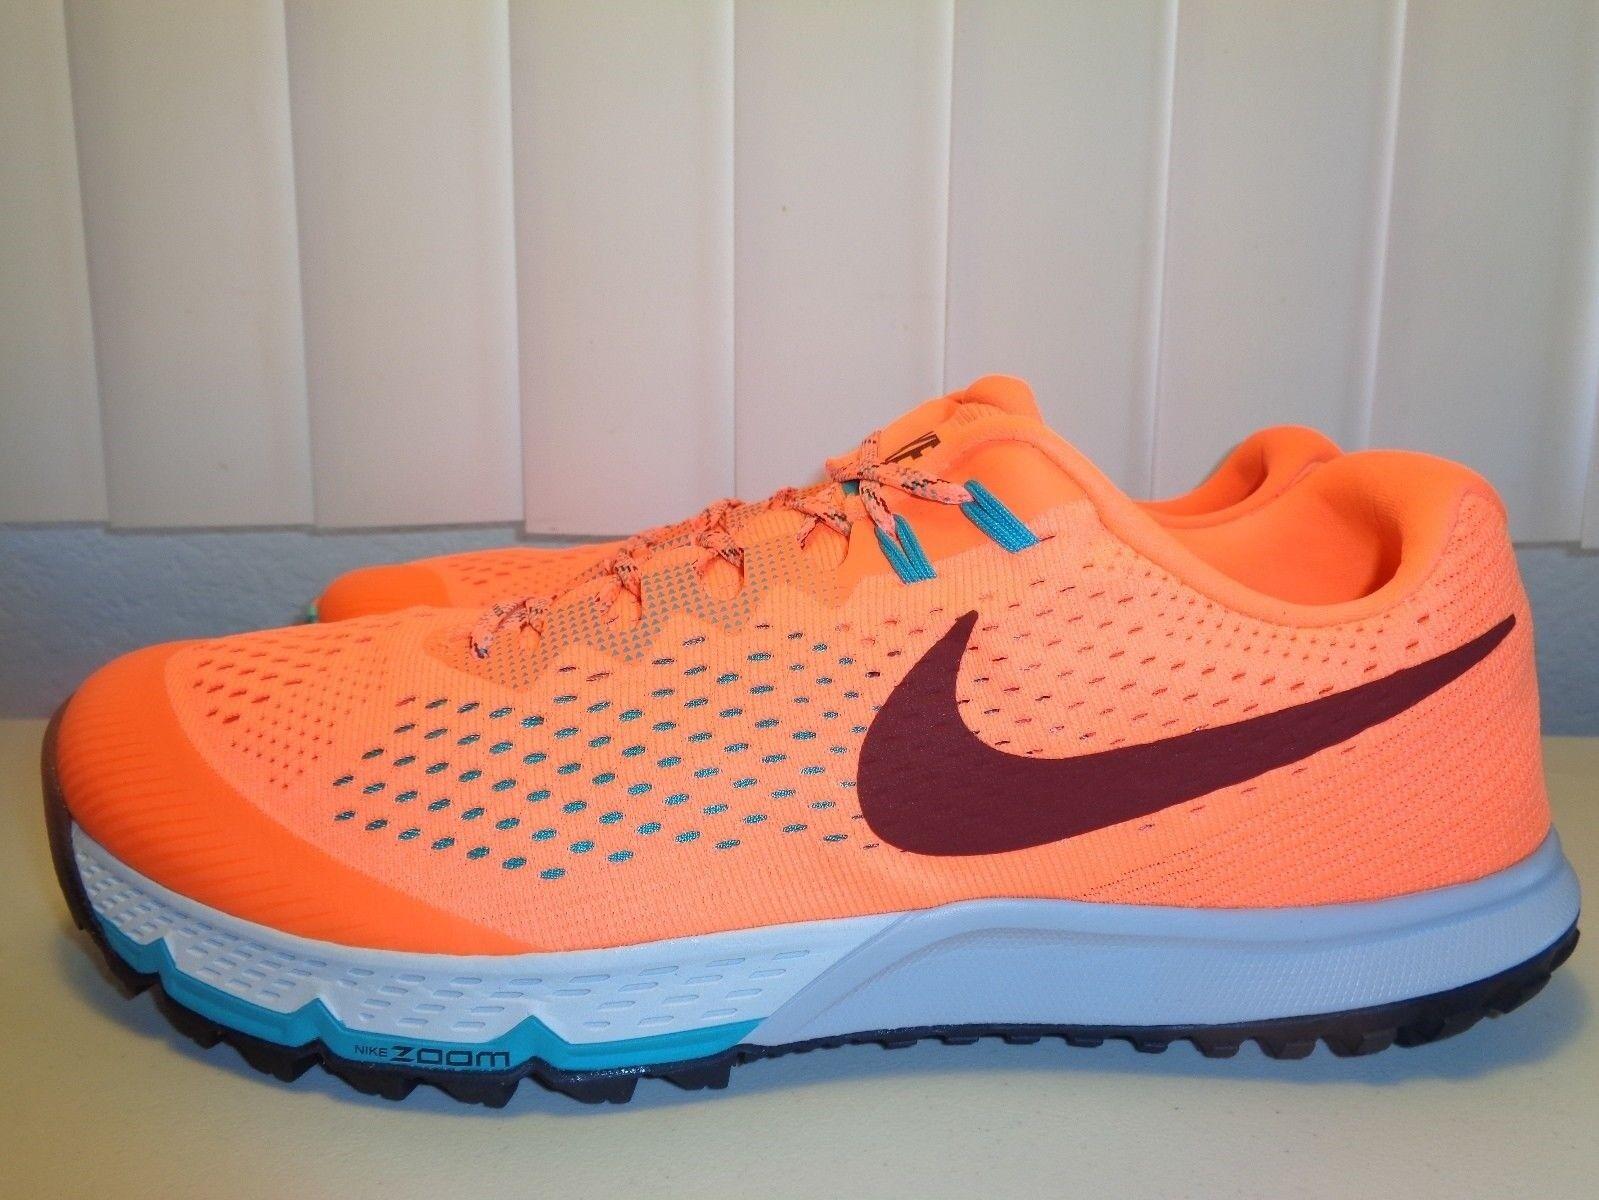 Mens Nike Zoom Terra Kiger Kiger Kiger 4 Trail Running shoes orange Size 13 880563 800 79d49f